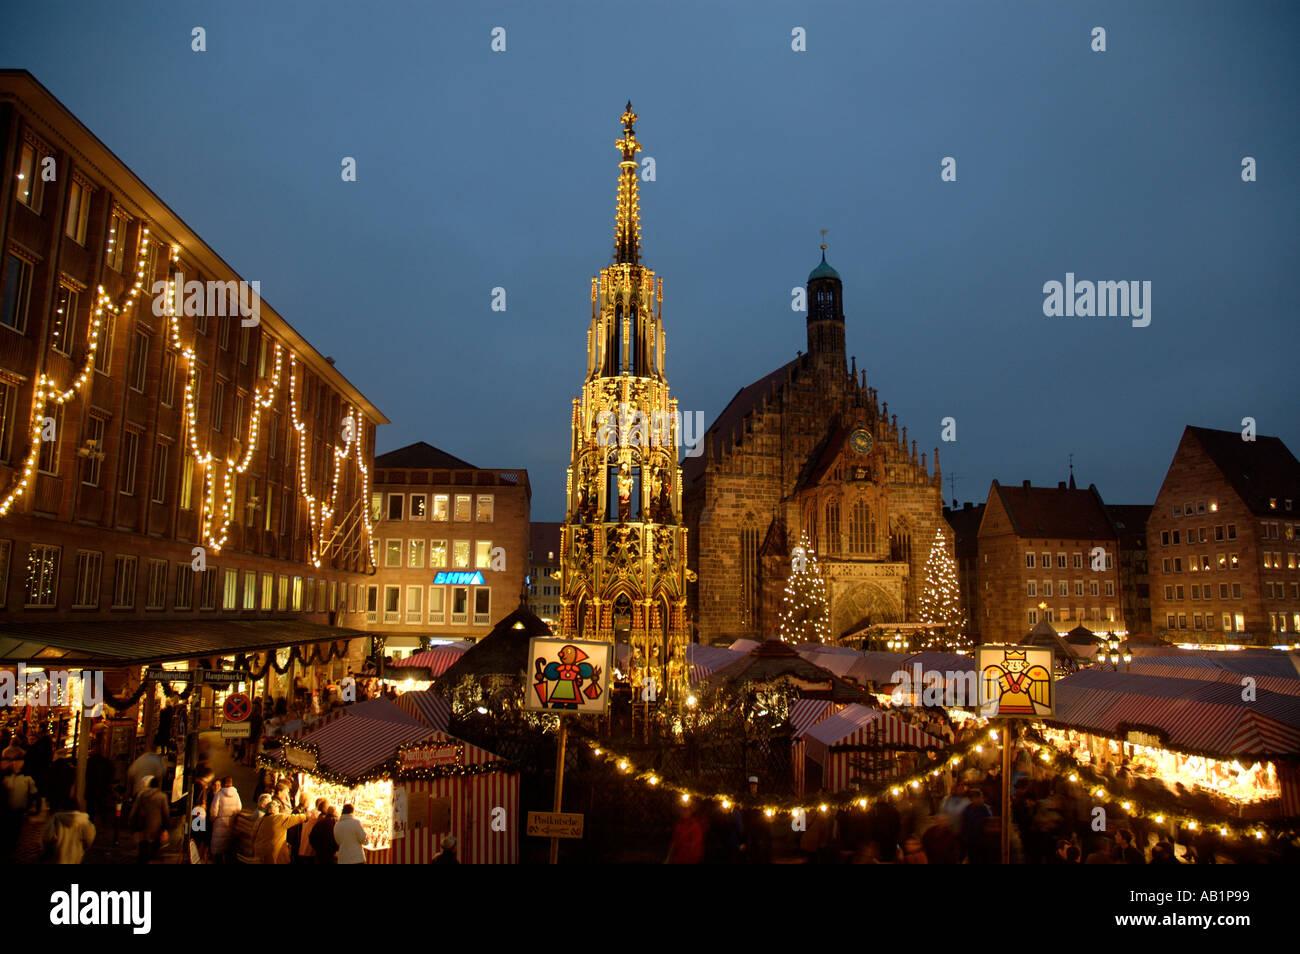 Deutschland Bayern Bayern Nürnberg Nürnberg Weihnachten Markt ...